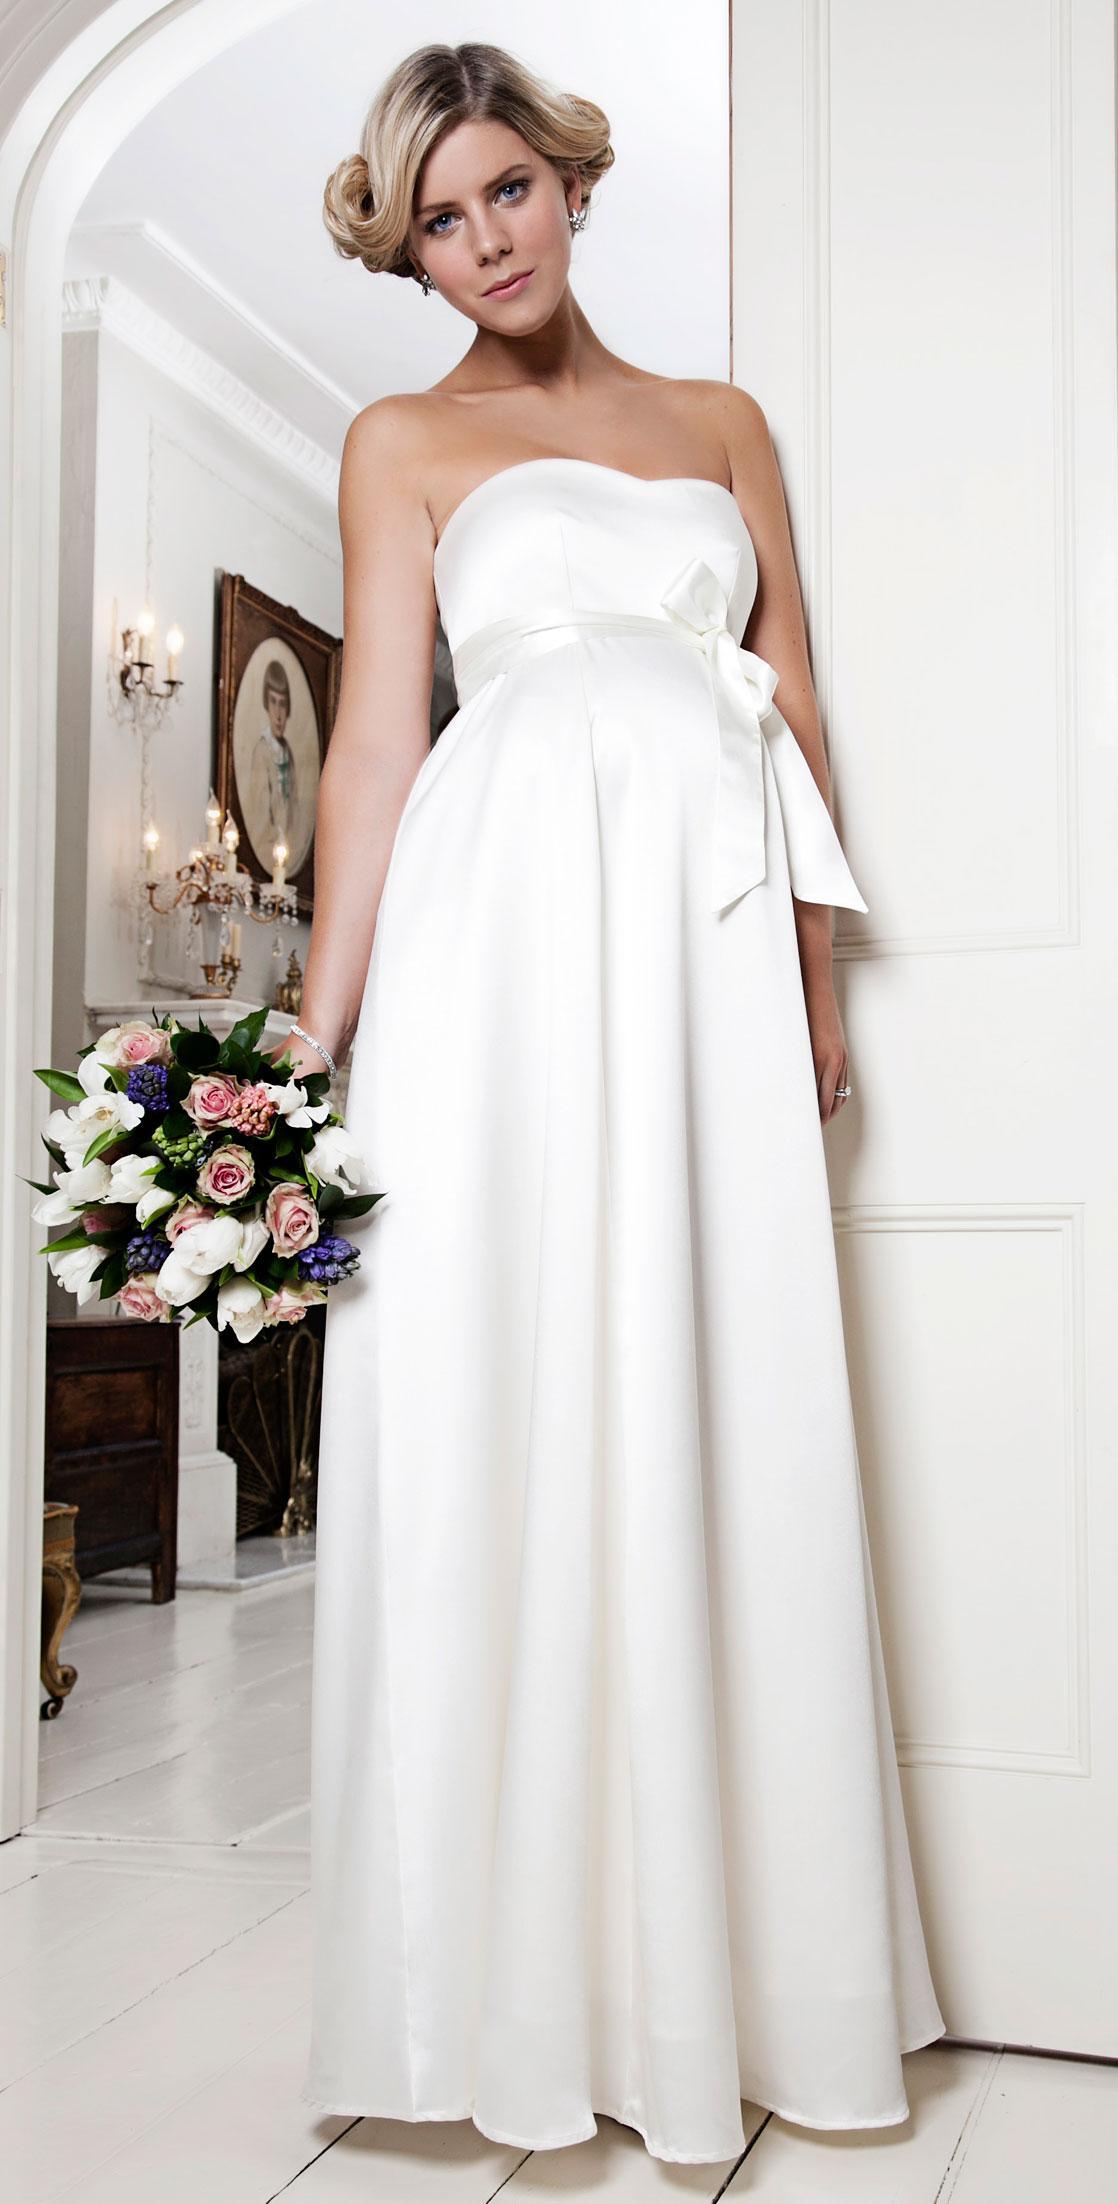 6497084976 Fantastyczny biała suknia ślubna Tiffany Rose - Suknie ślubne dla kobiet w   PJ-04